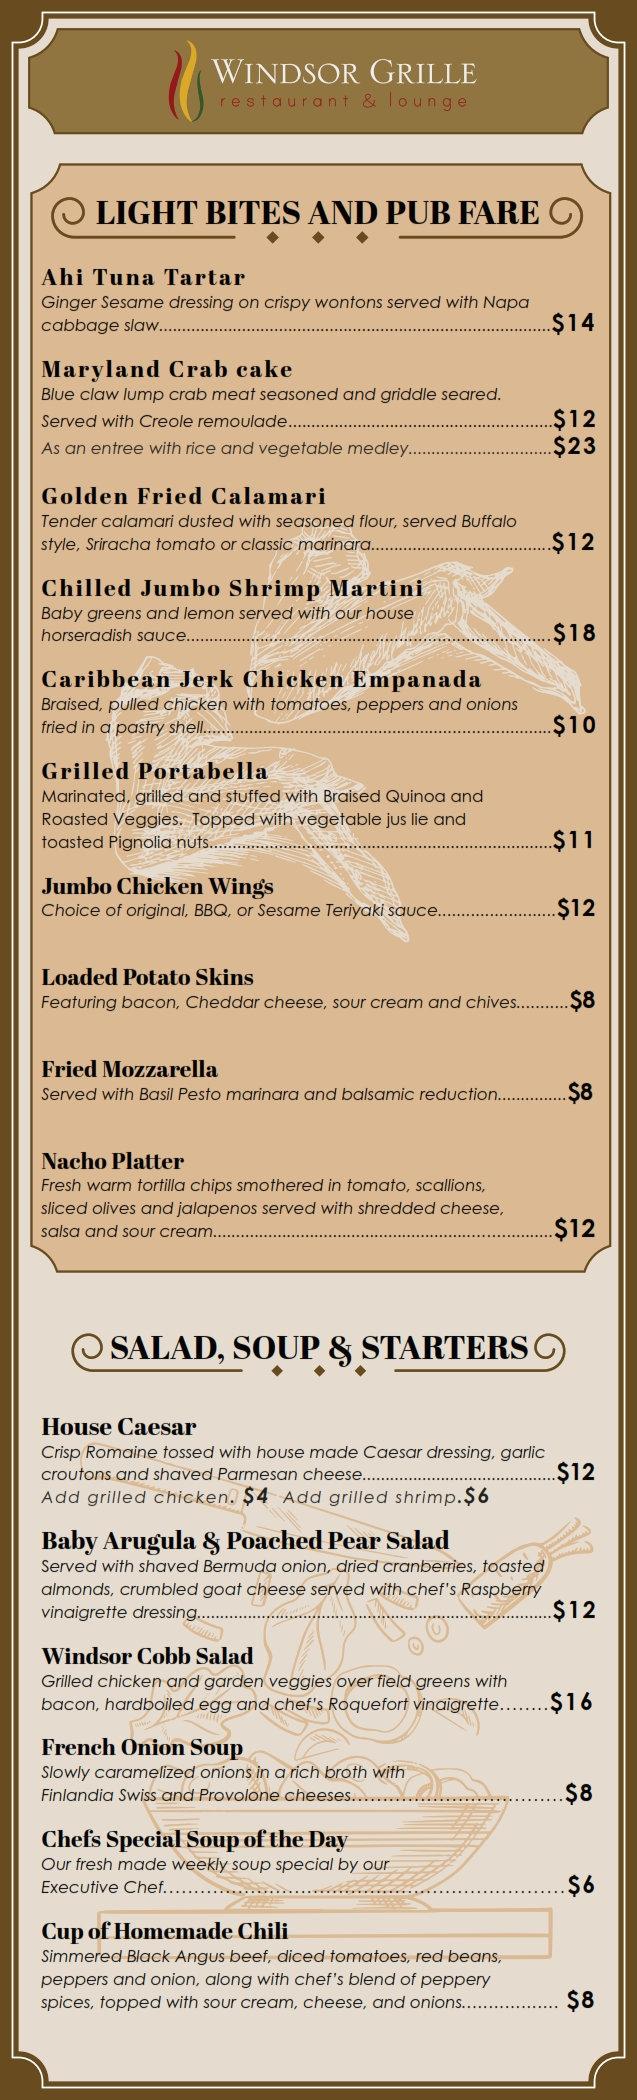 menu9_001.jpg